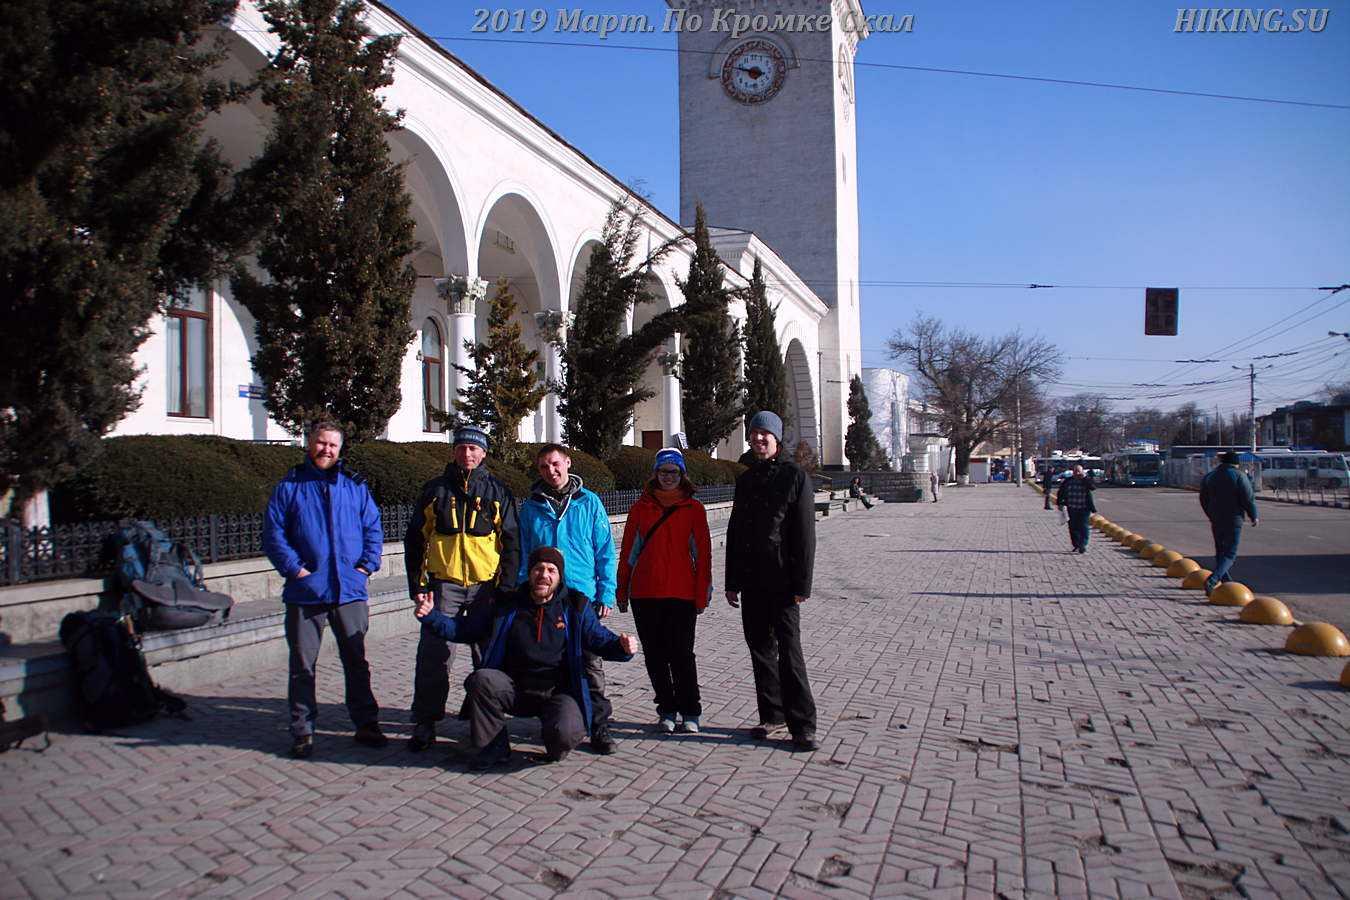 Фото к отзыву Между Небом и Морем По Кромке скал март 2019 года Встреча Симферополь